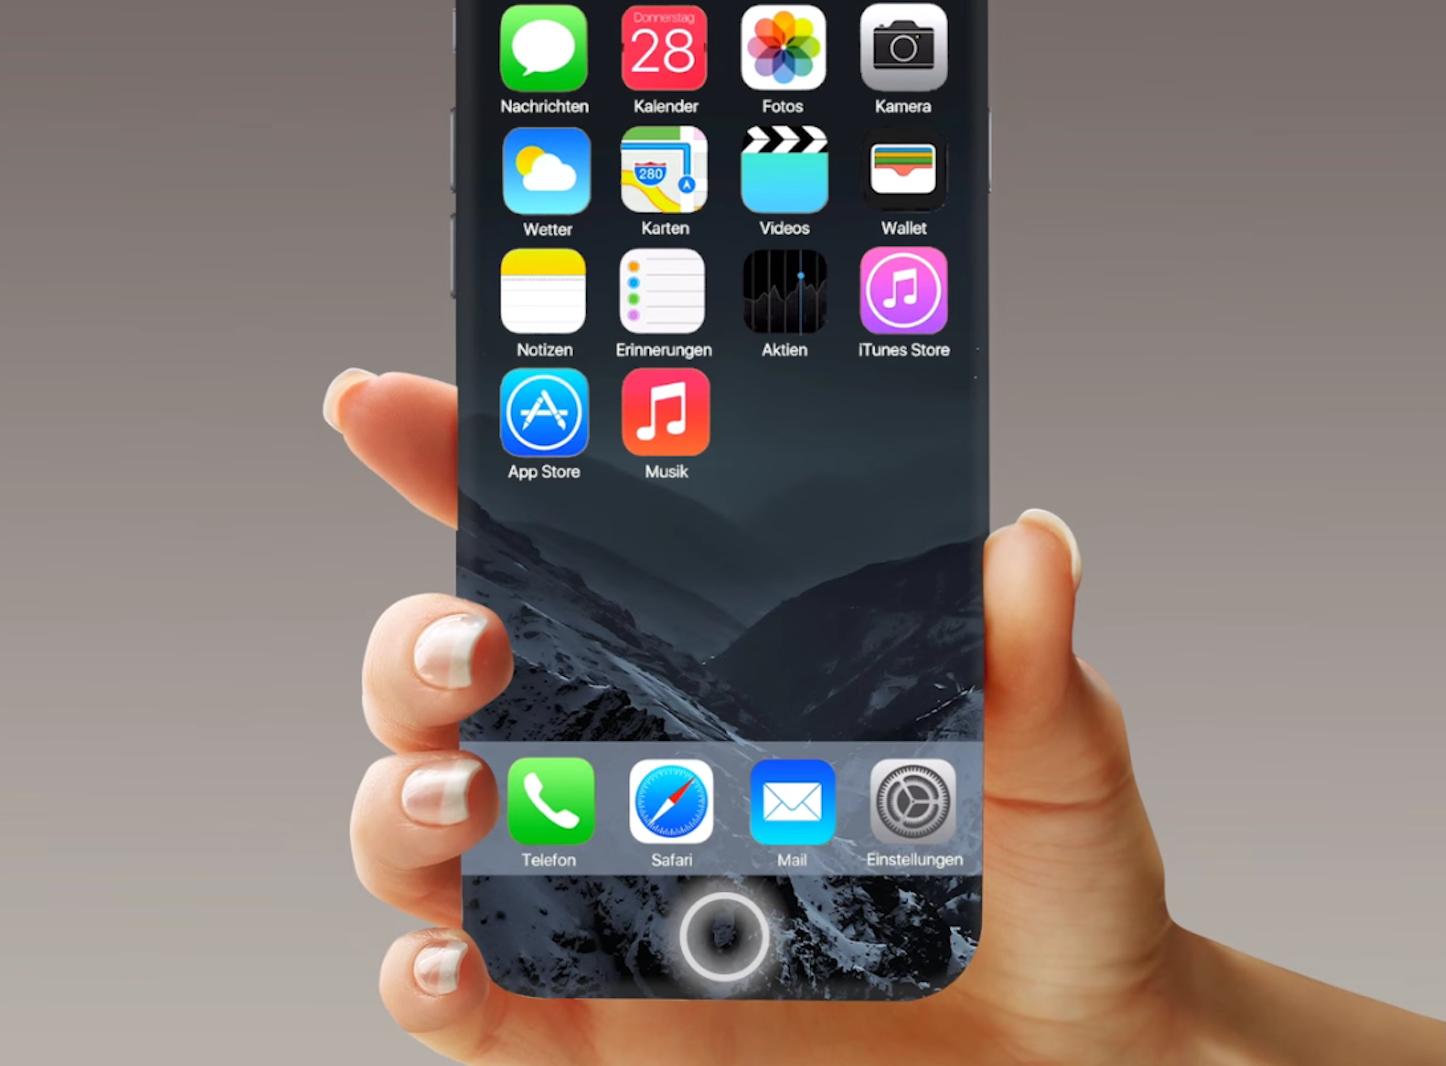 「iOS 10」が動作する「iPhone 7」のコンセプトムービー